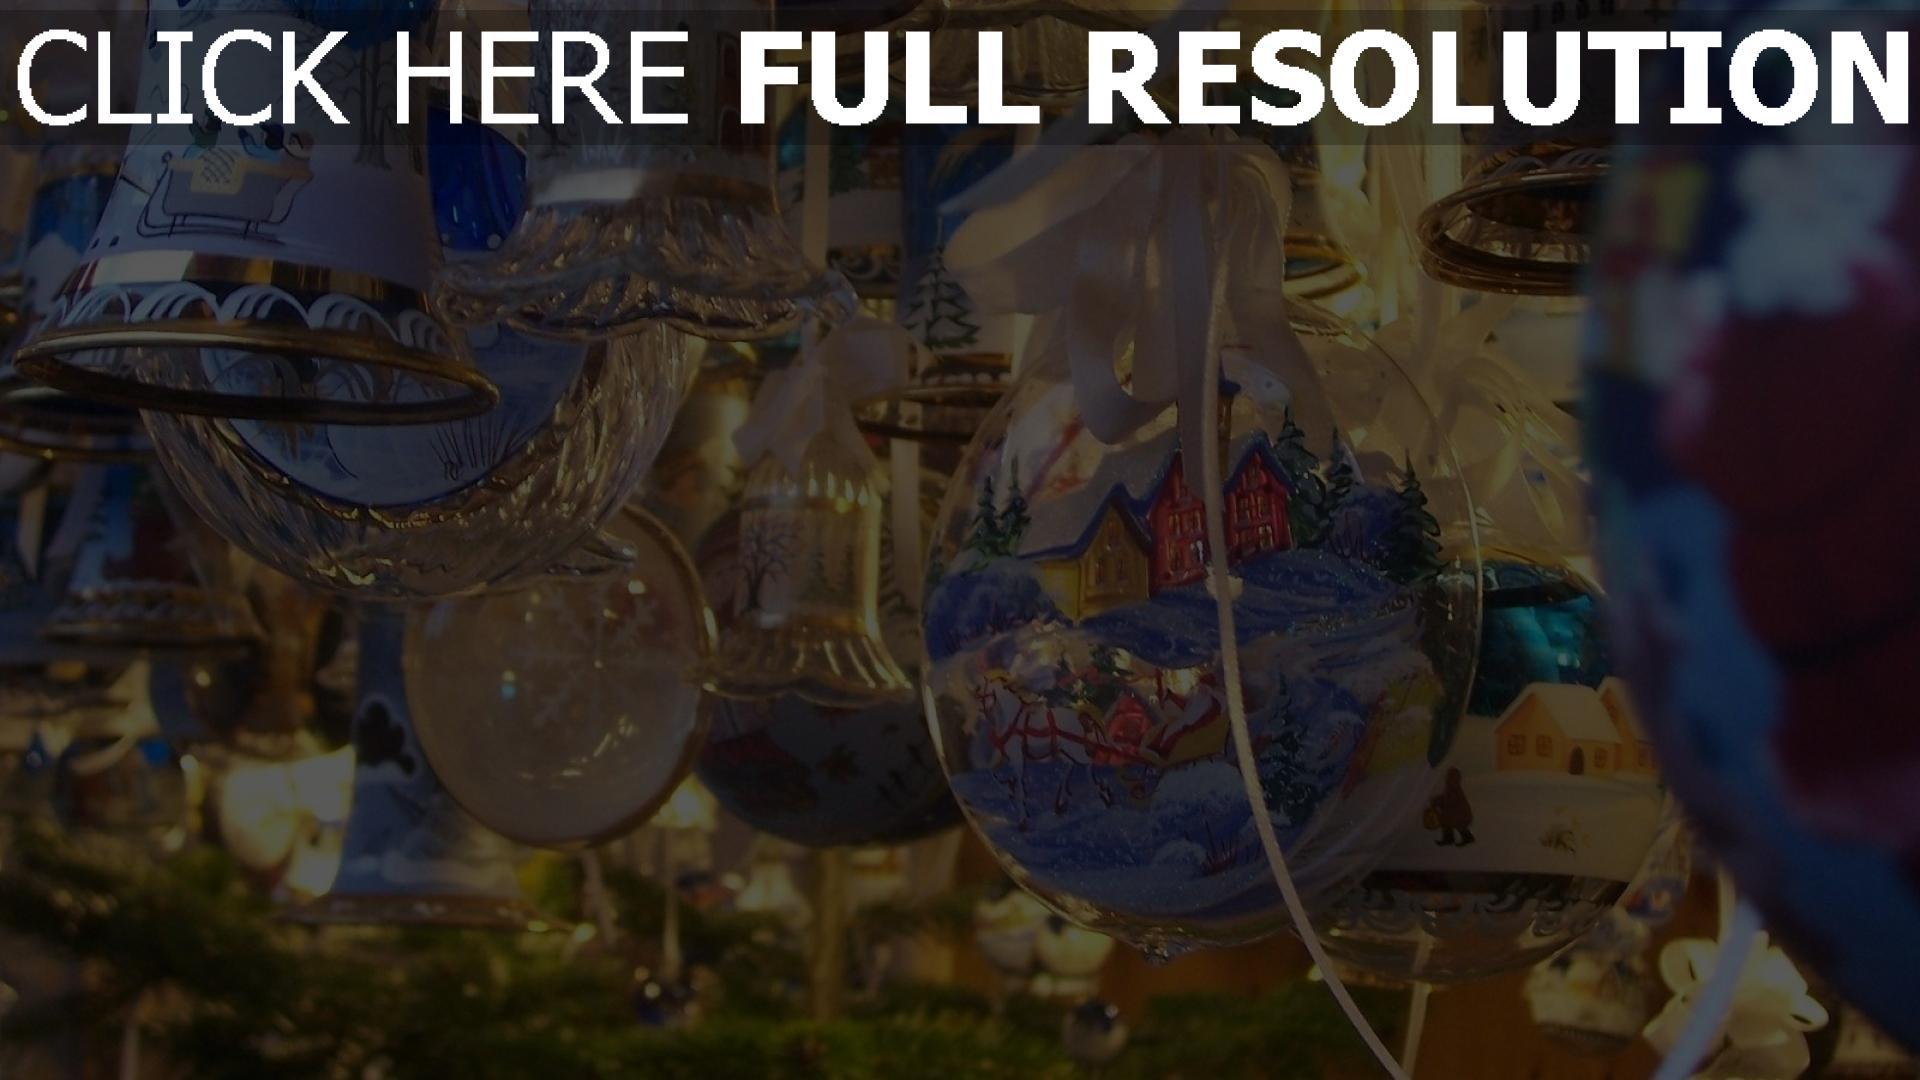 hd hintergrundbilder luftballons bändern weihnachtsschmuck hintergründe glocken tapeten bilder schön 1920x1080